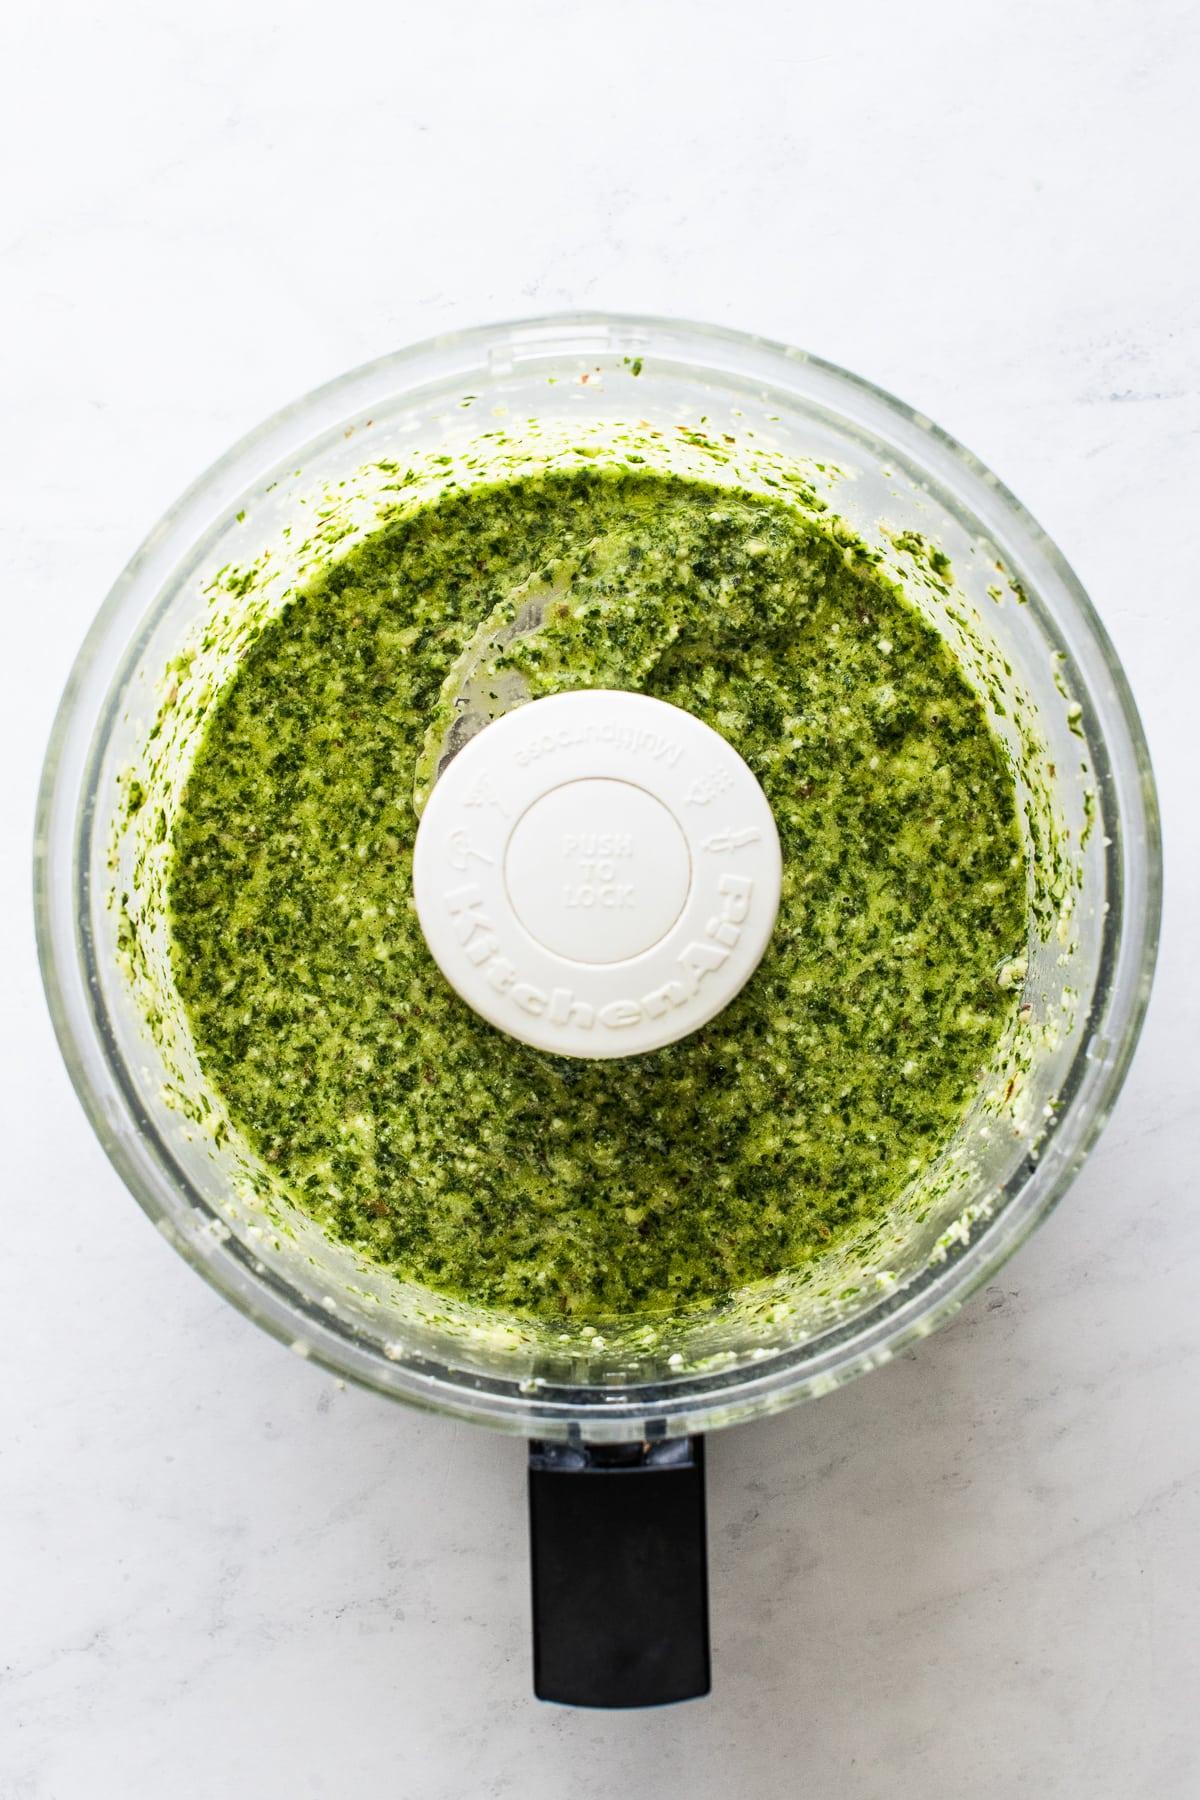 Cilantro pesto in a food processor already blended.